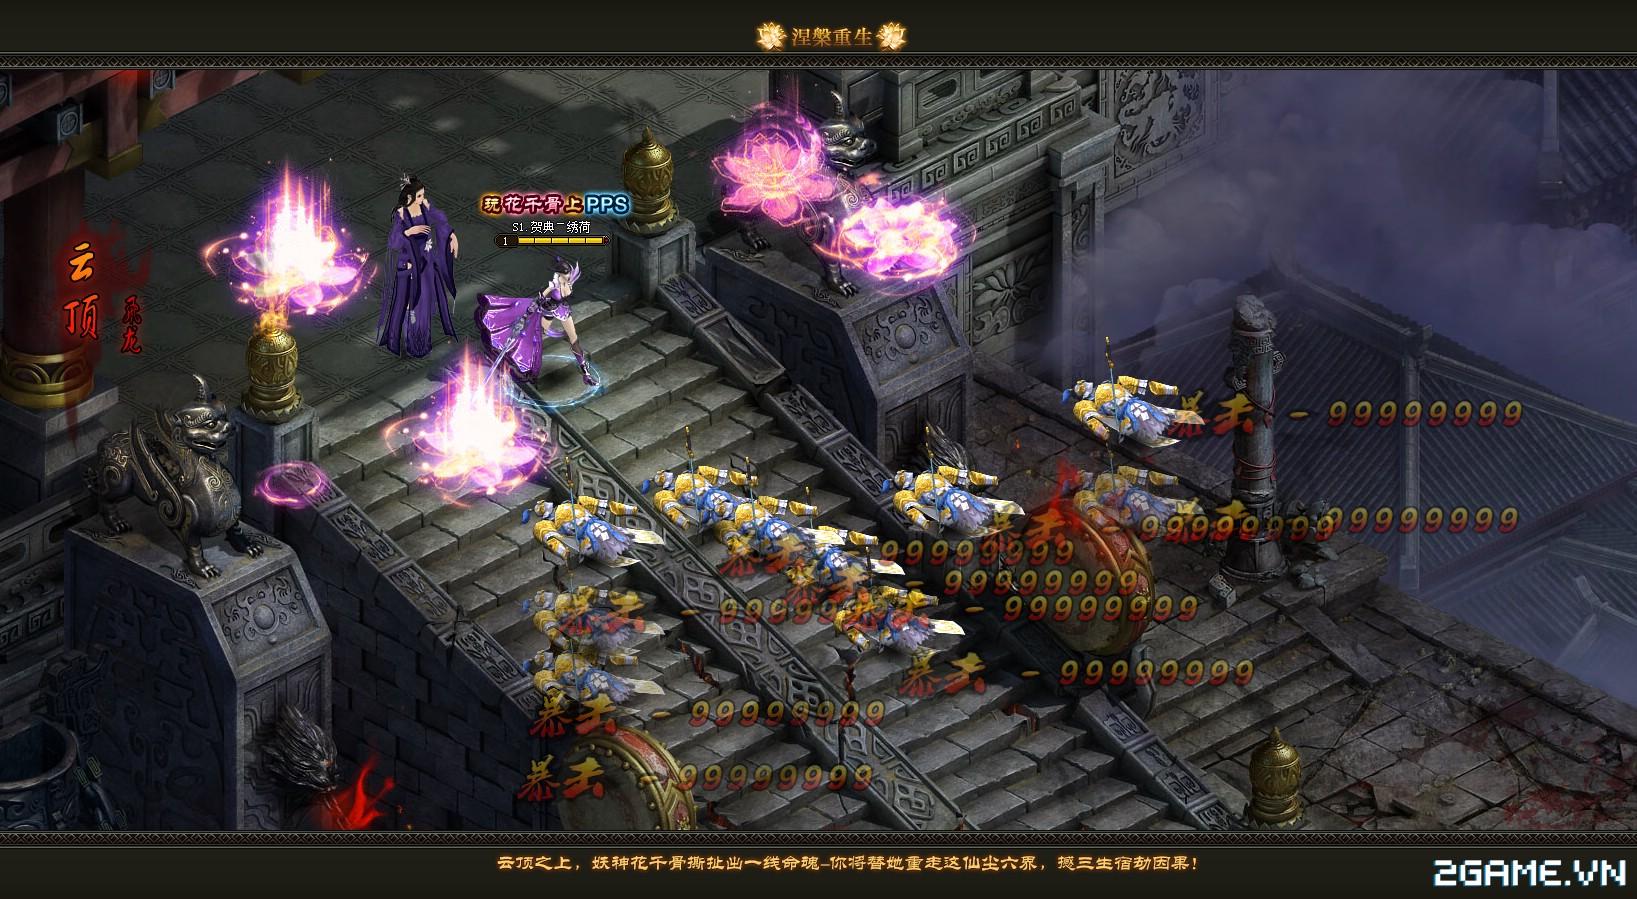 Hoa Thiên Cốt Web muốn nói rằng 'đừng xem thường webgame' 0